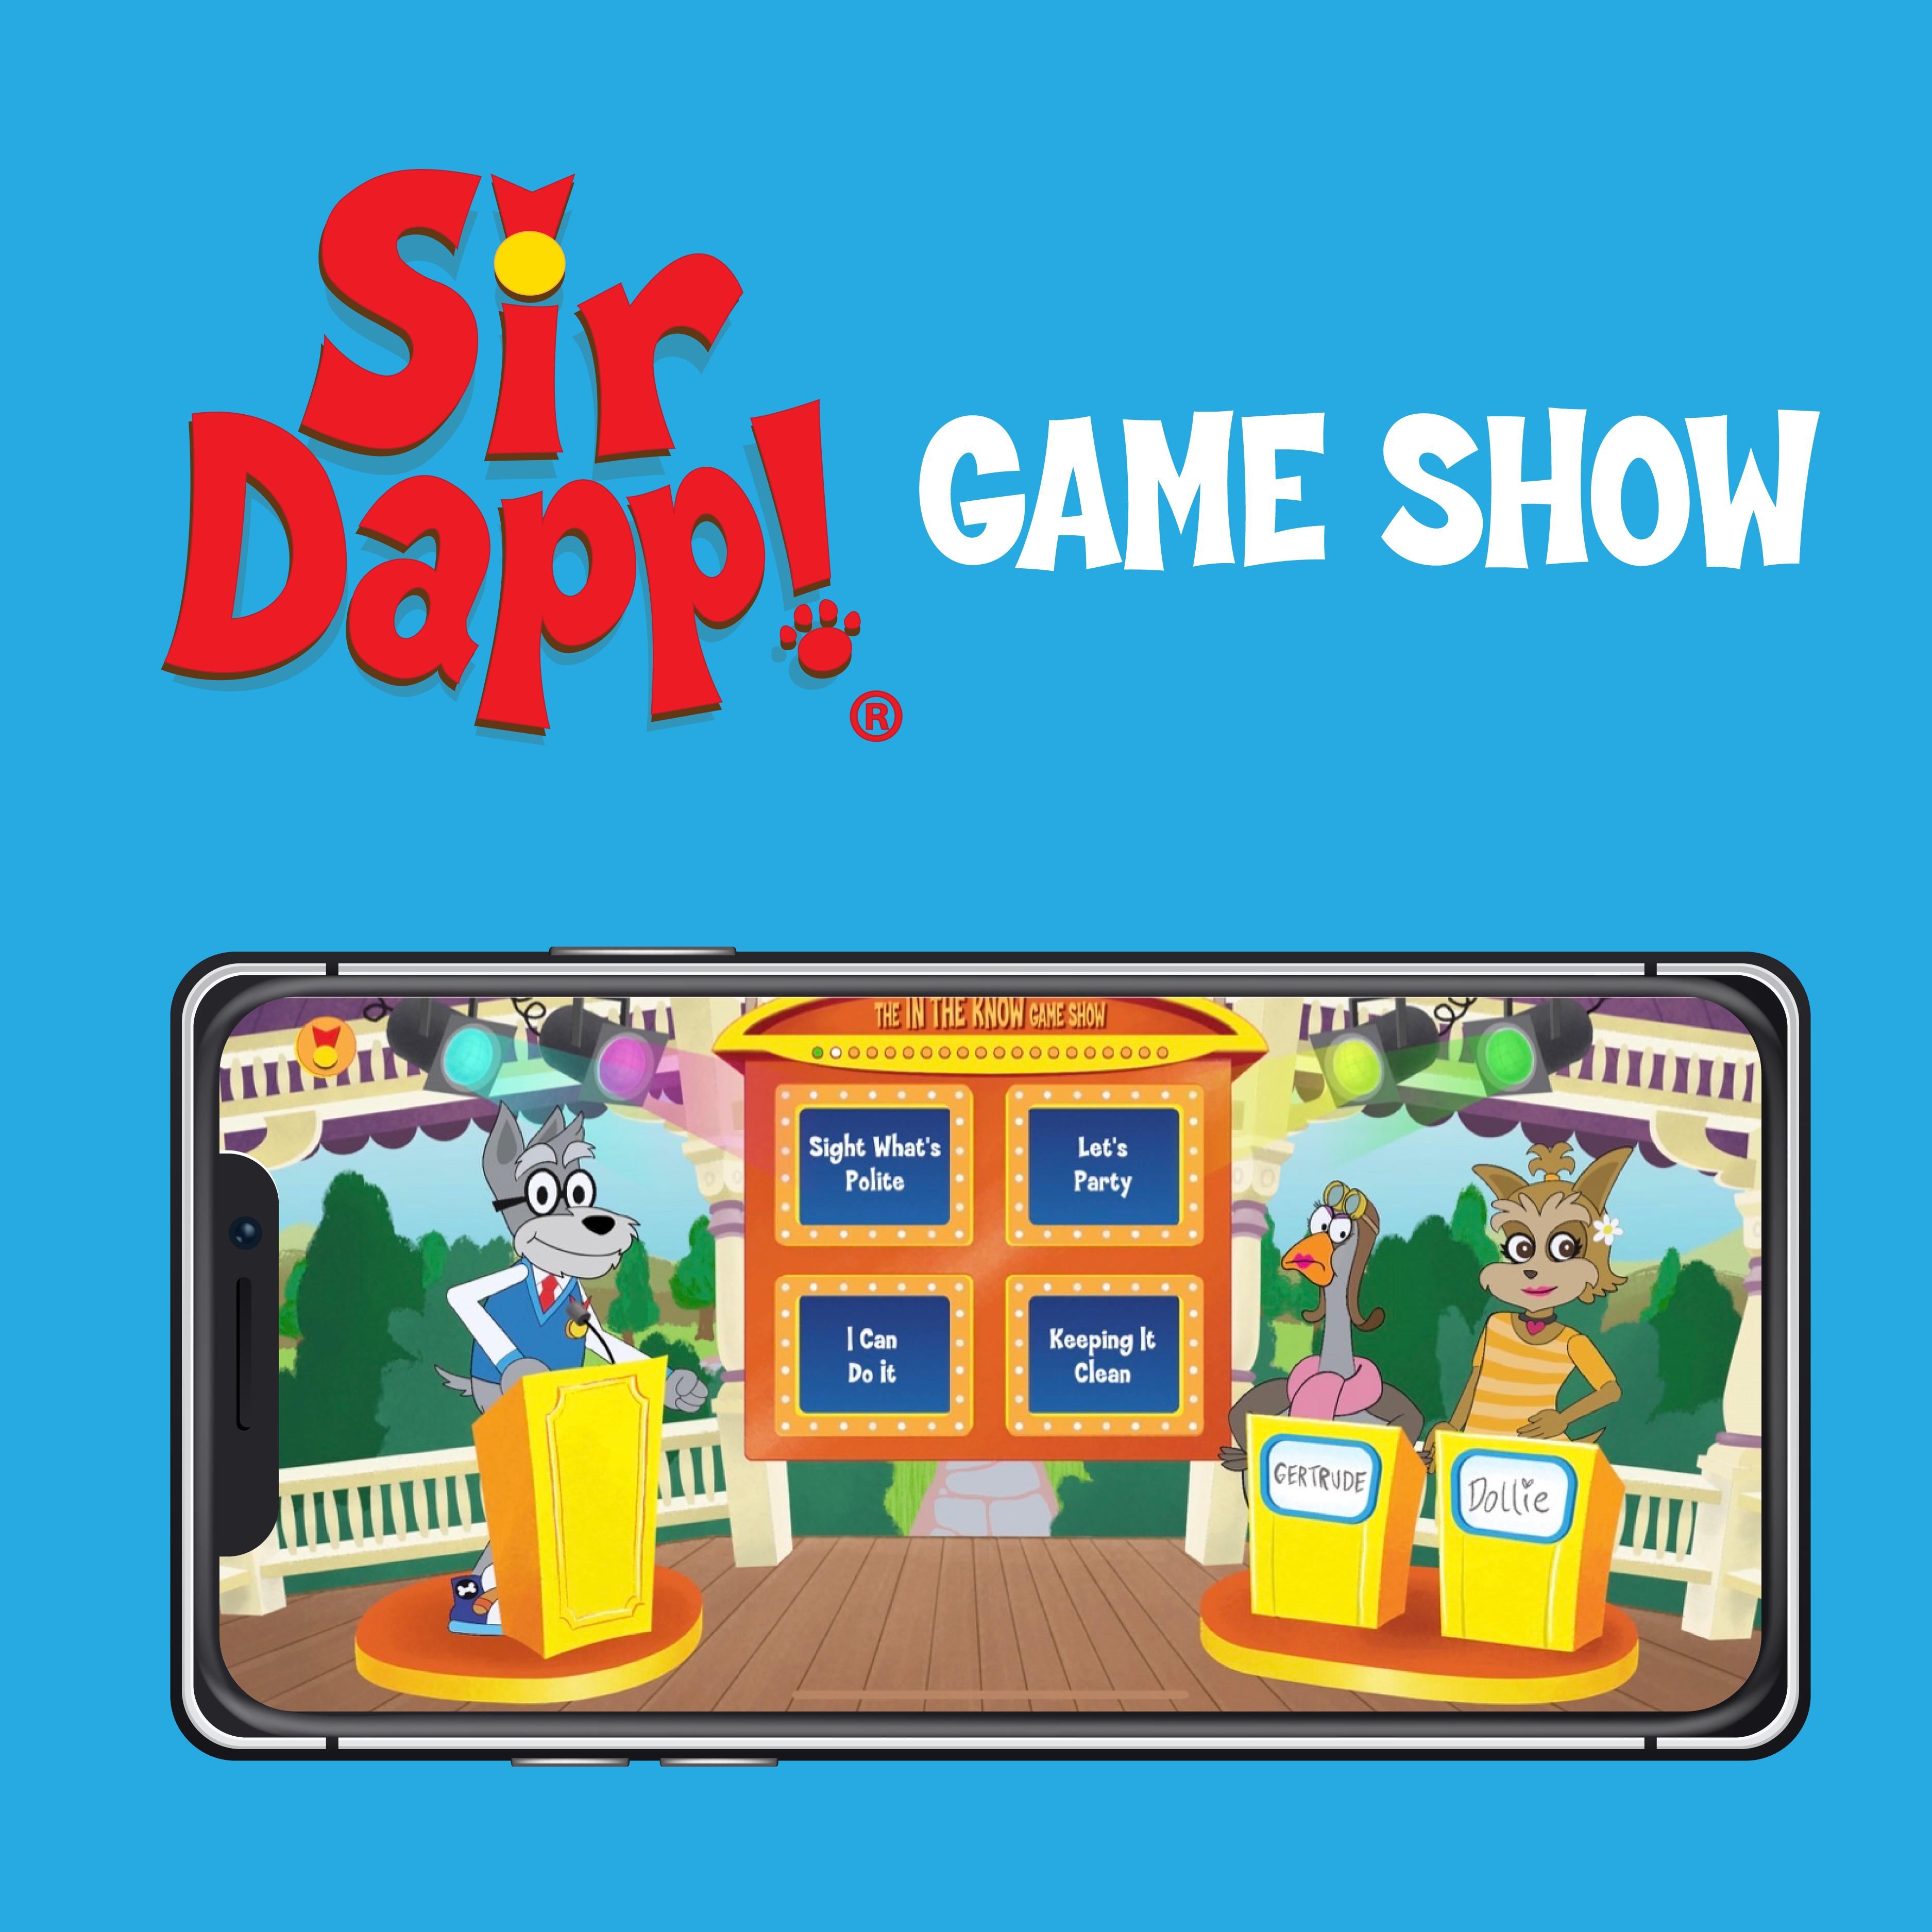 Sir Dapp! Game Show